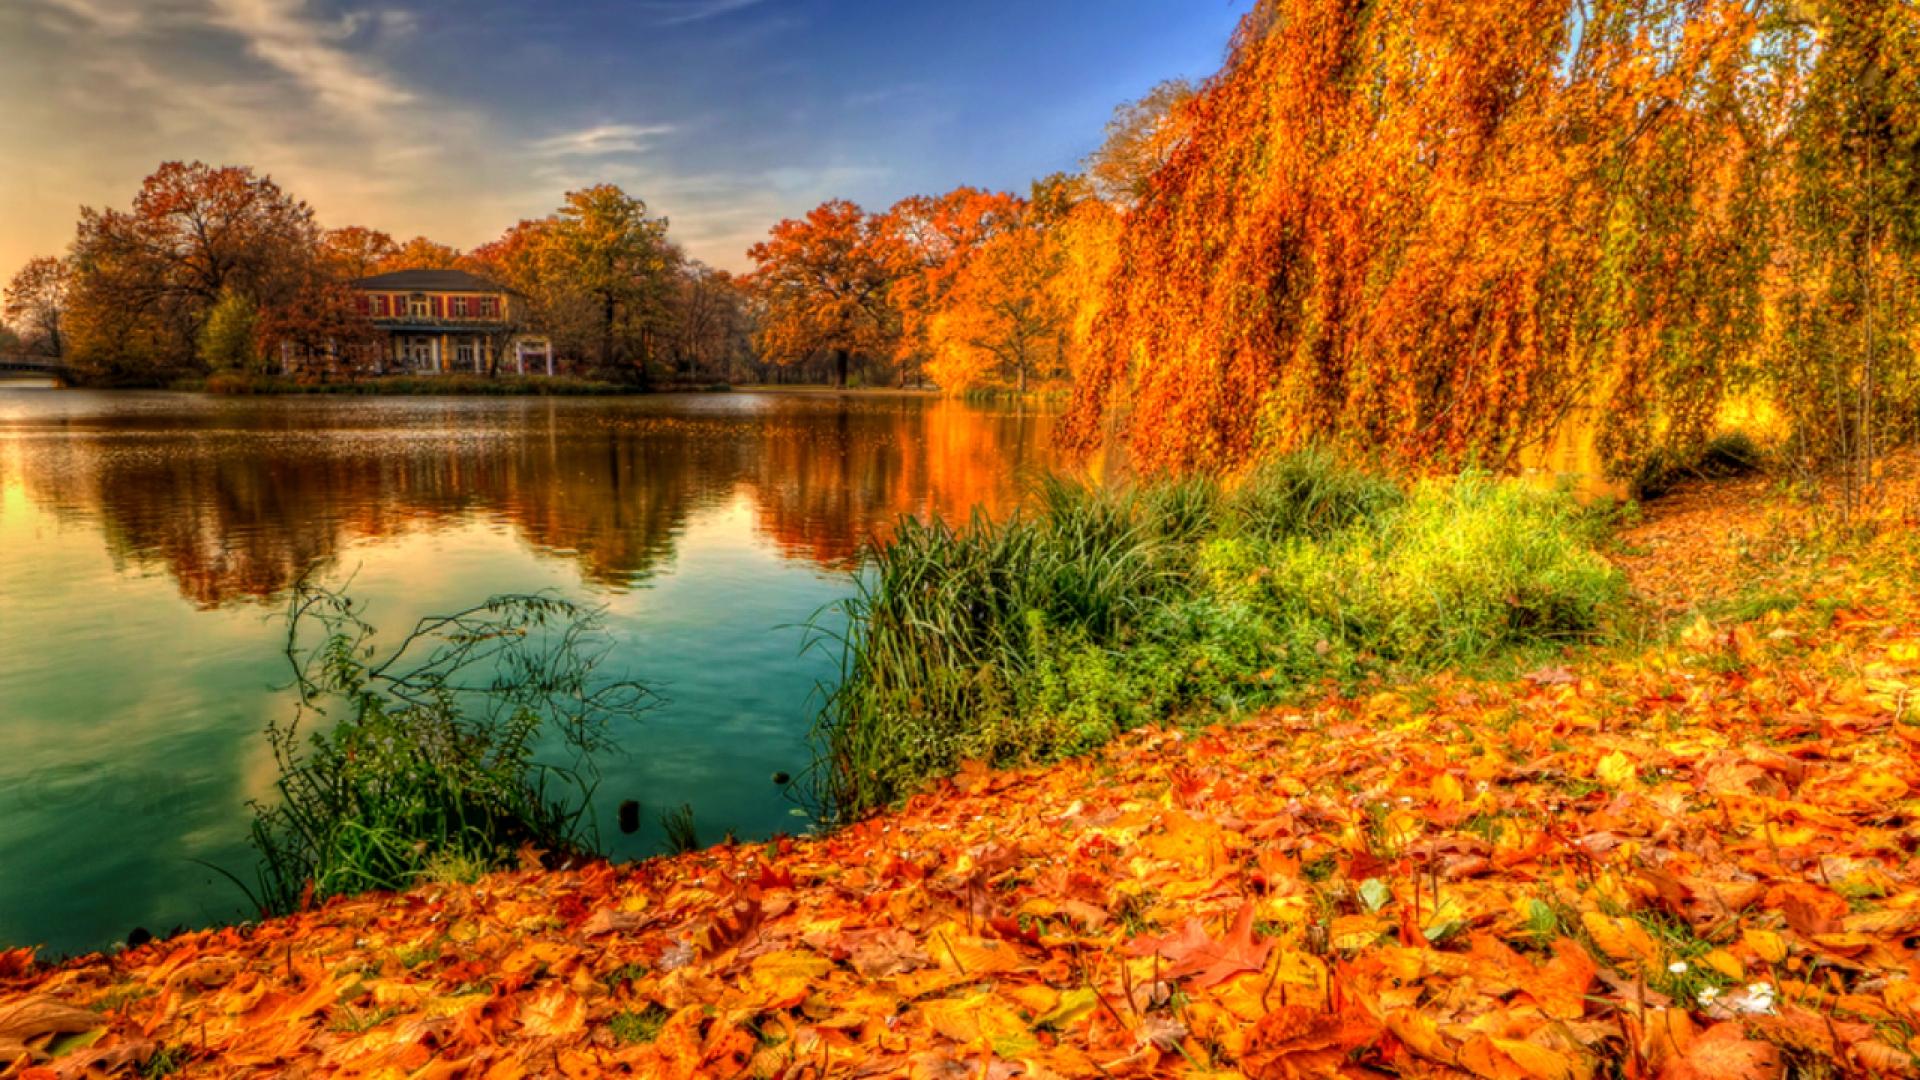 Hình nền mùa thu Autumn11c2